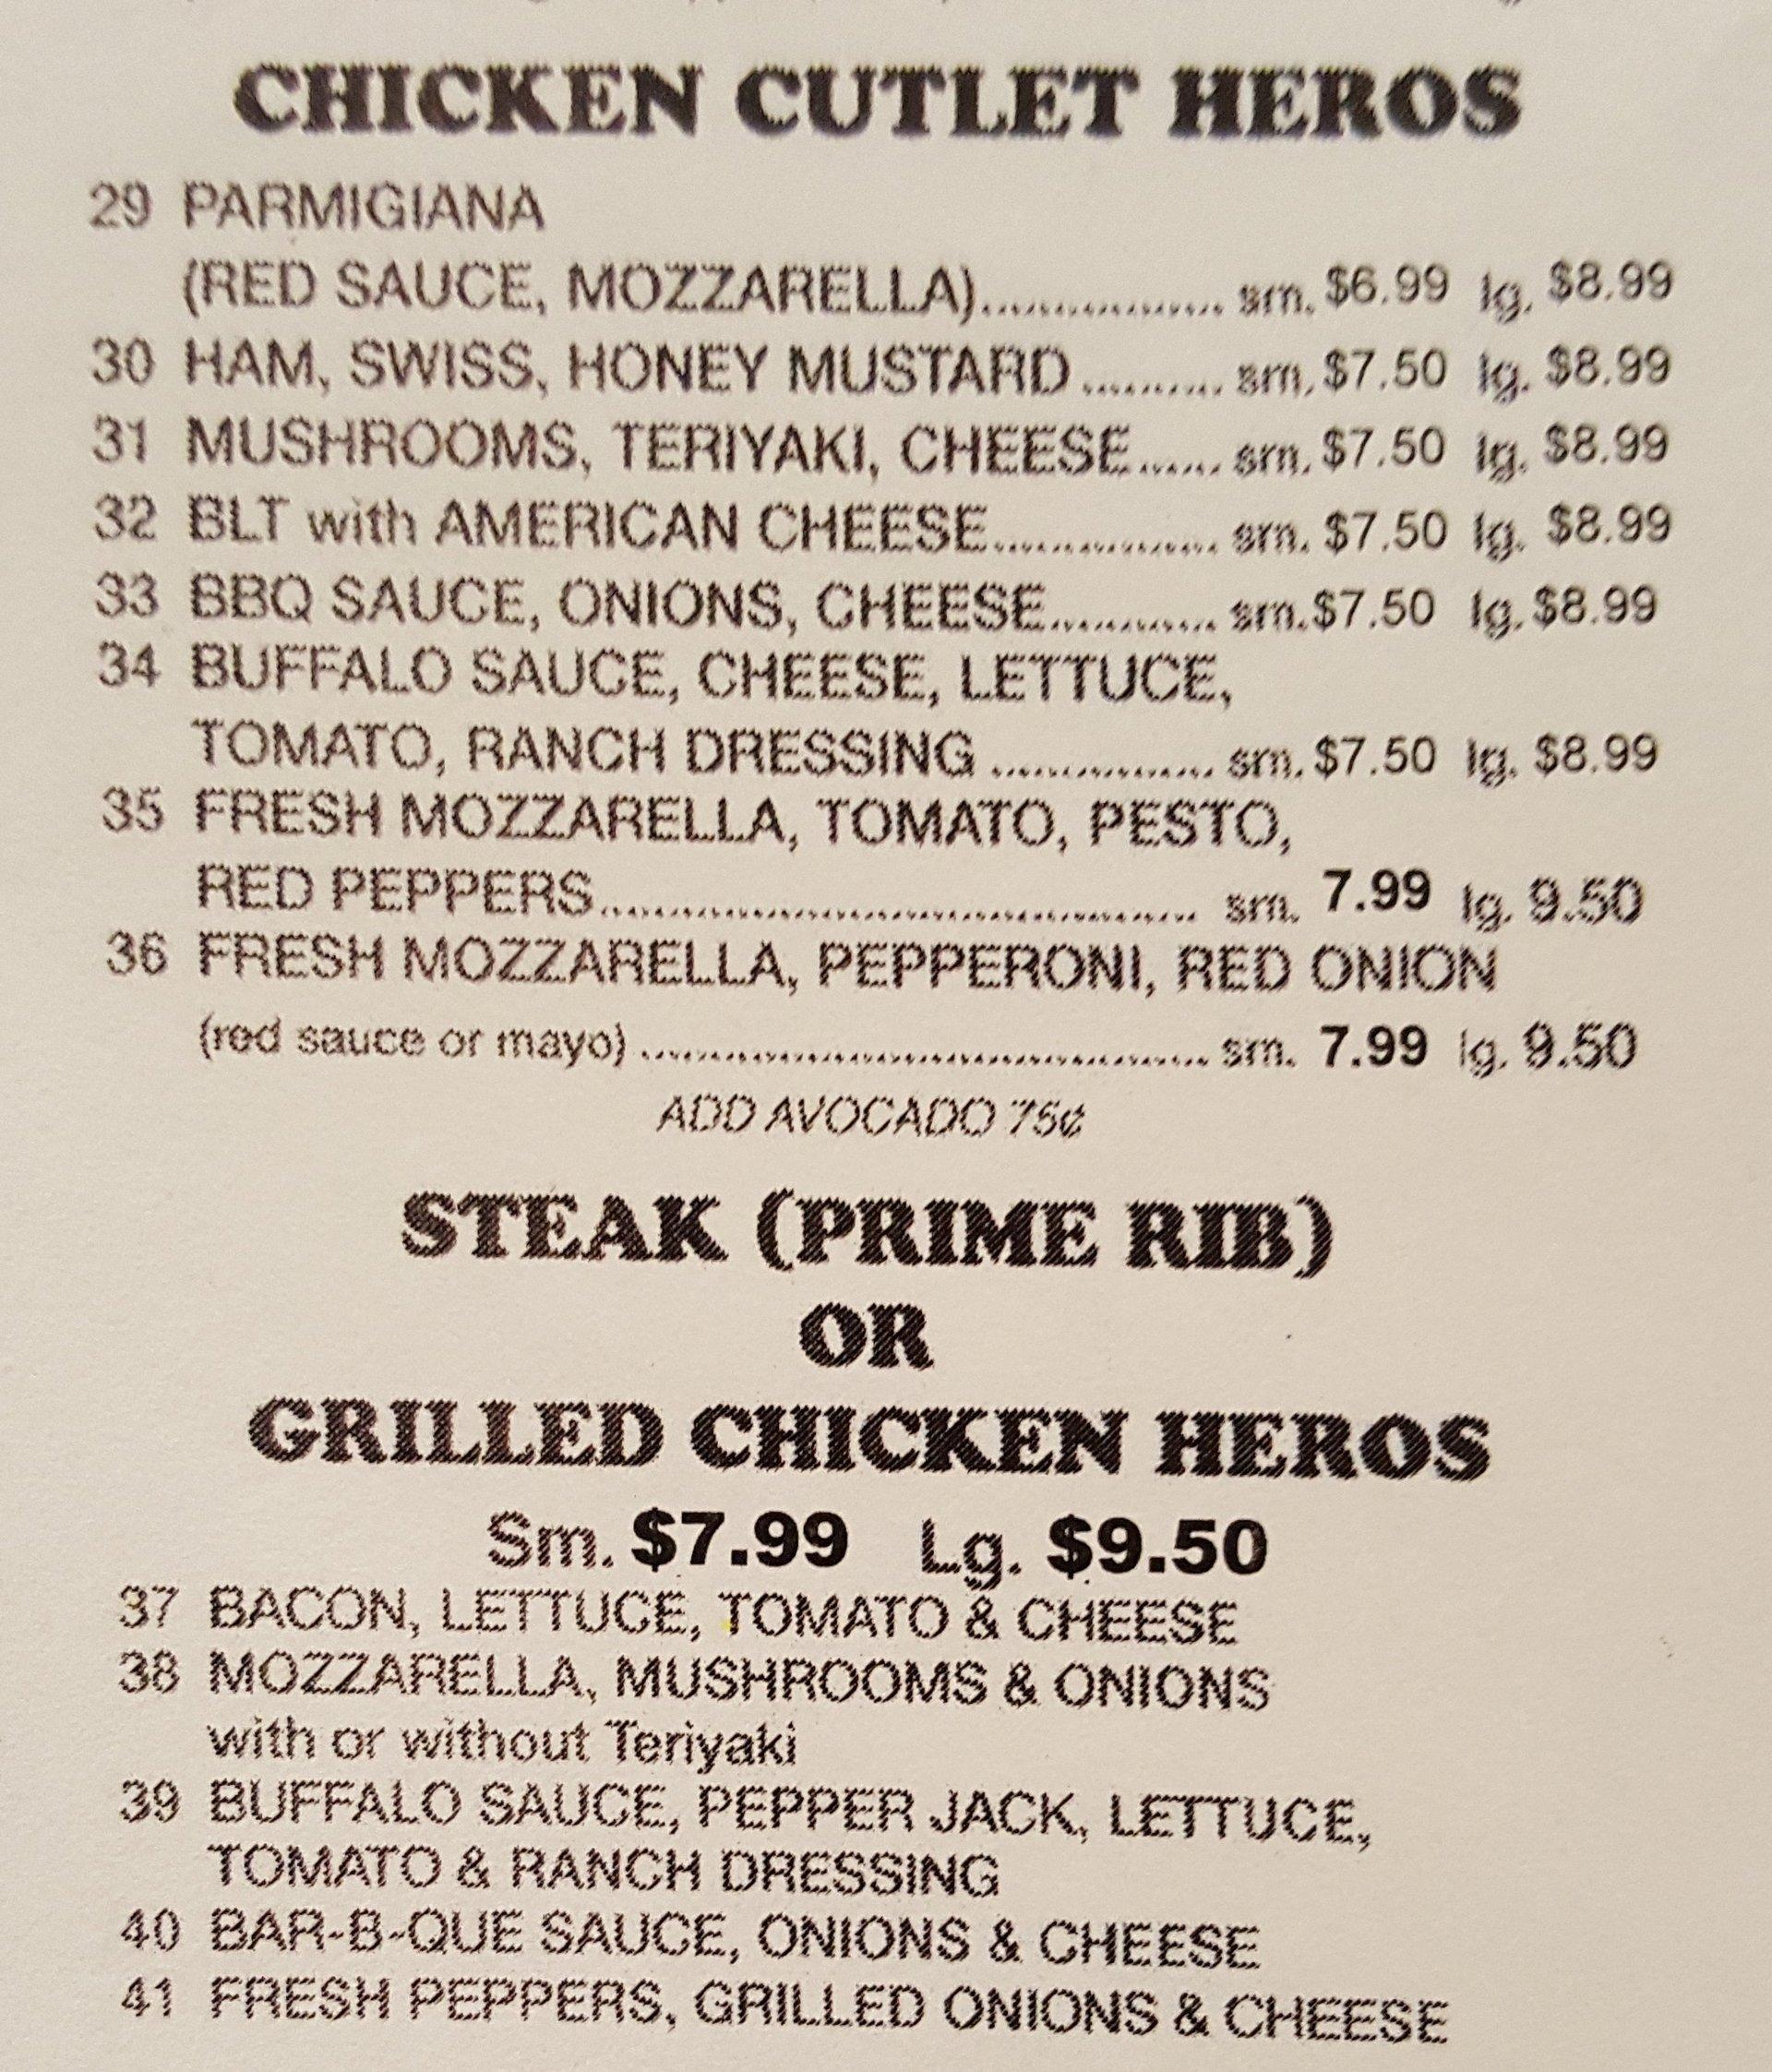 Steak and Chicken Heros